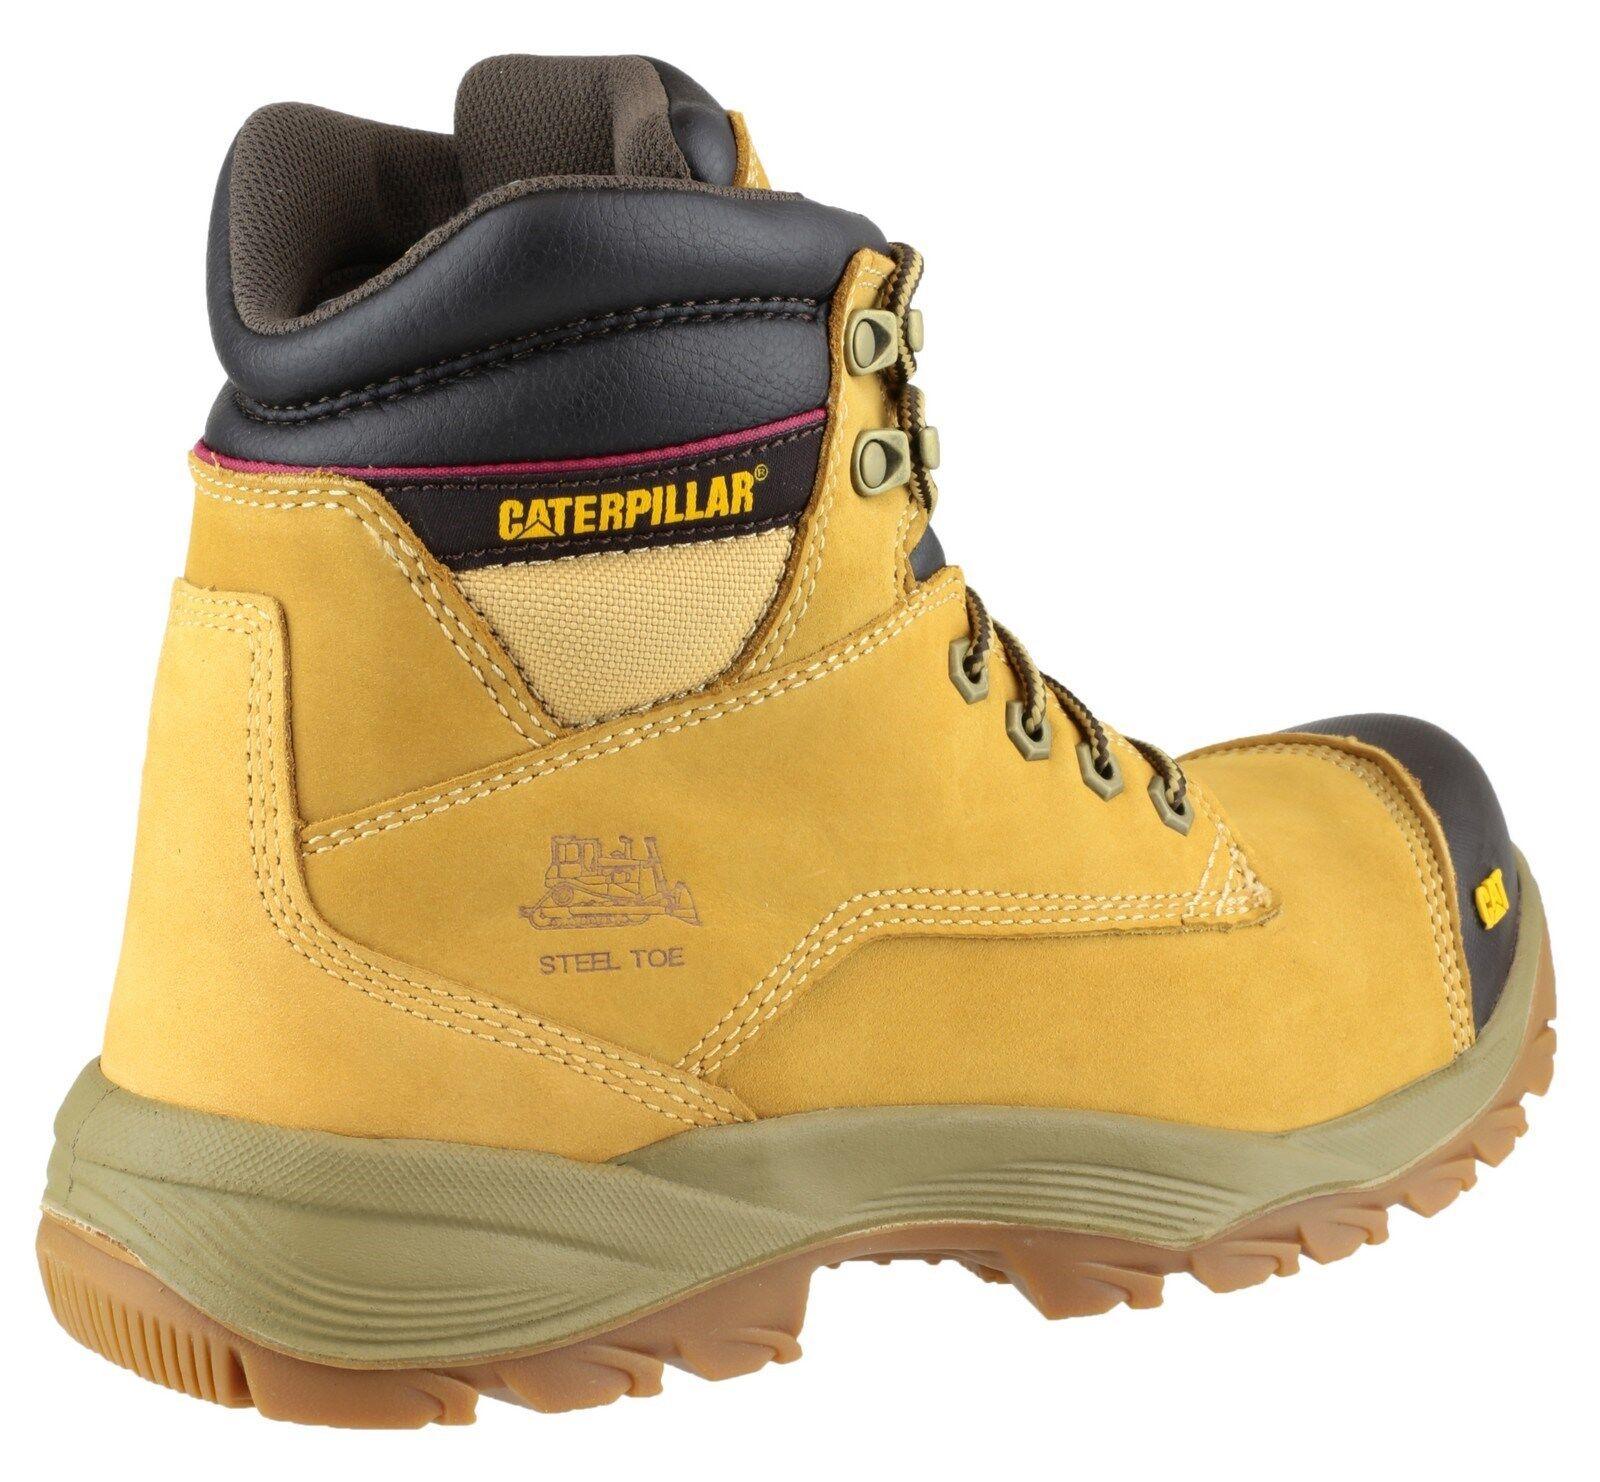 Homme caterpillar spiro miel cuir steel toe cap sécurité taille travail bottes taille sécurité 6-12 e4e196